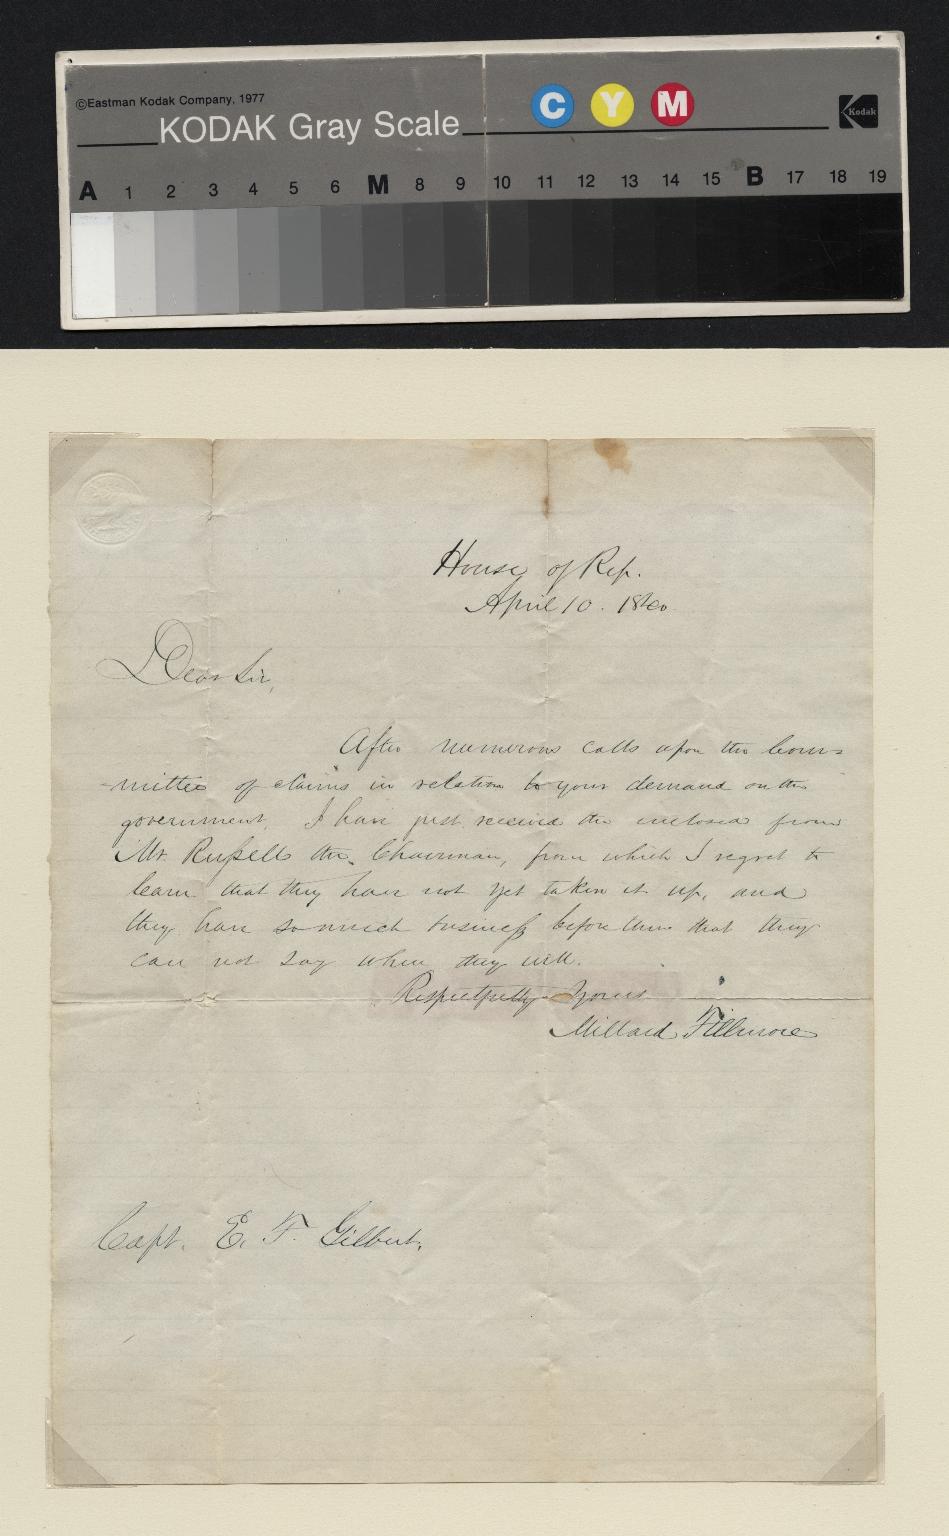 Millard Fillmore letter to Captain E. F. Gilbert